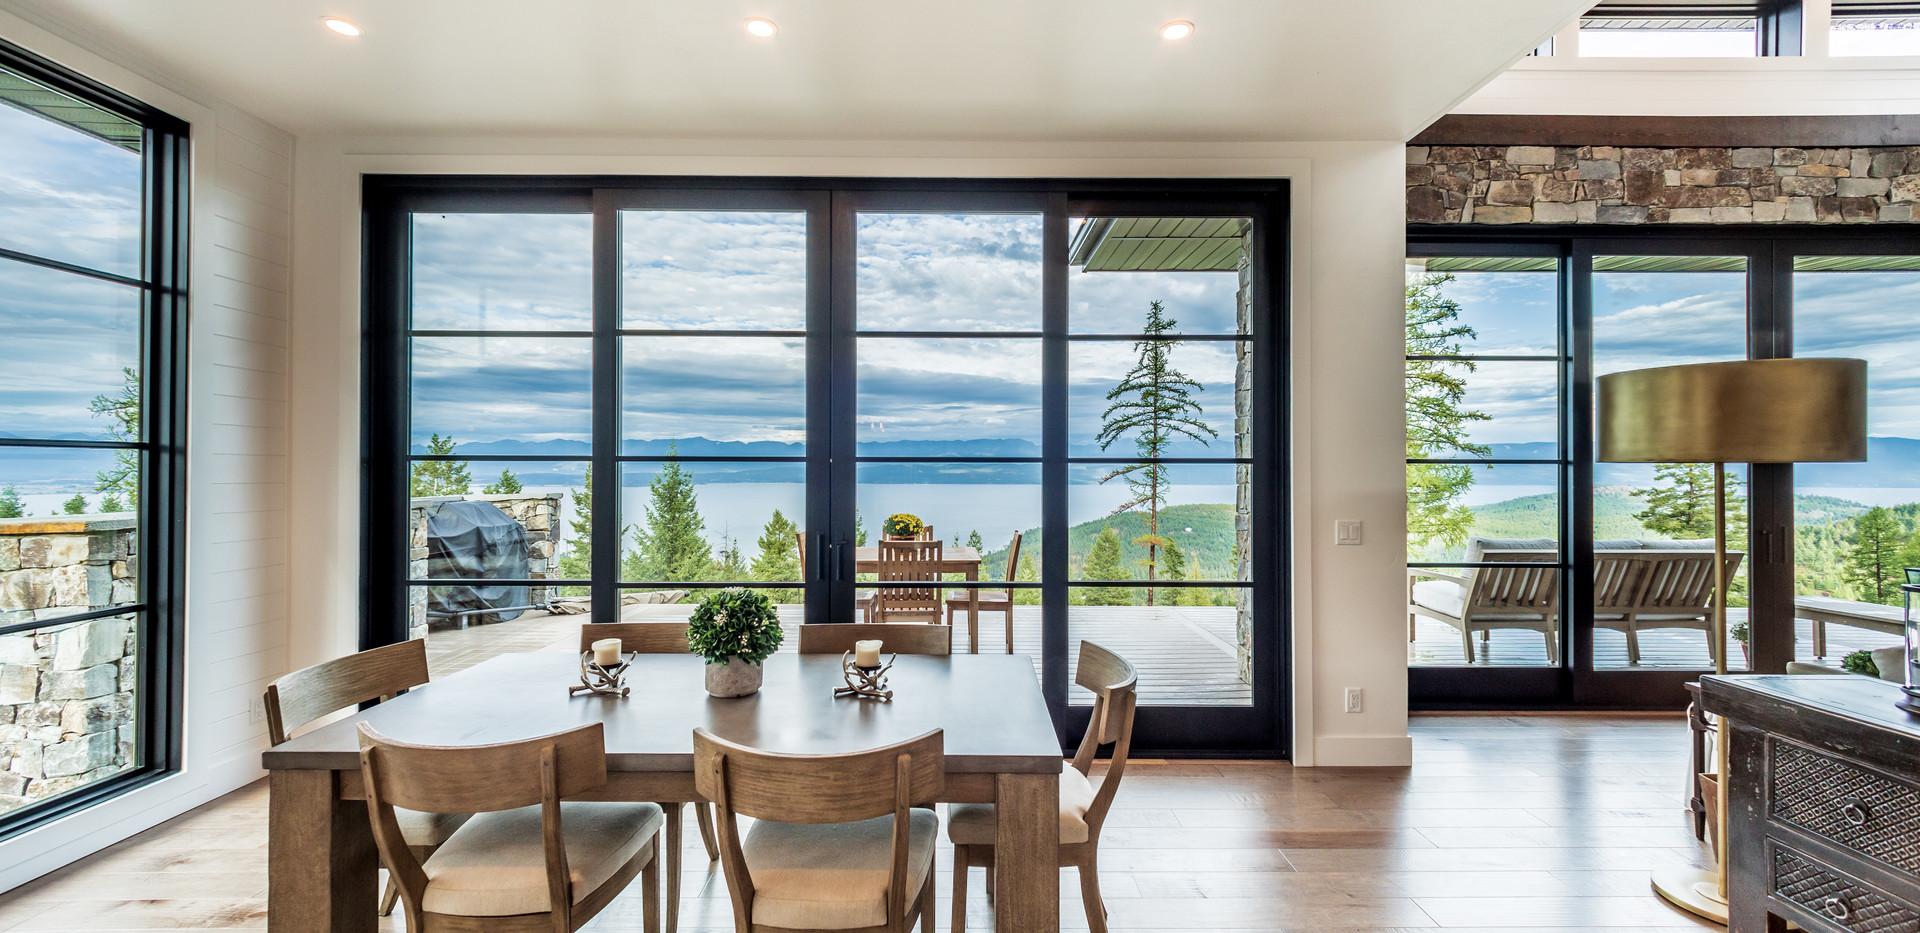 Panorama - Dining Room